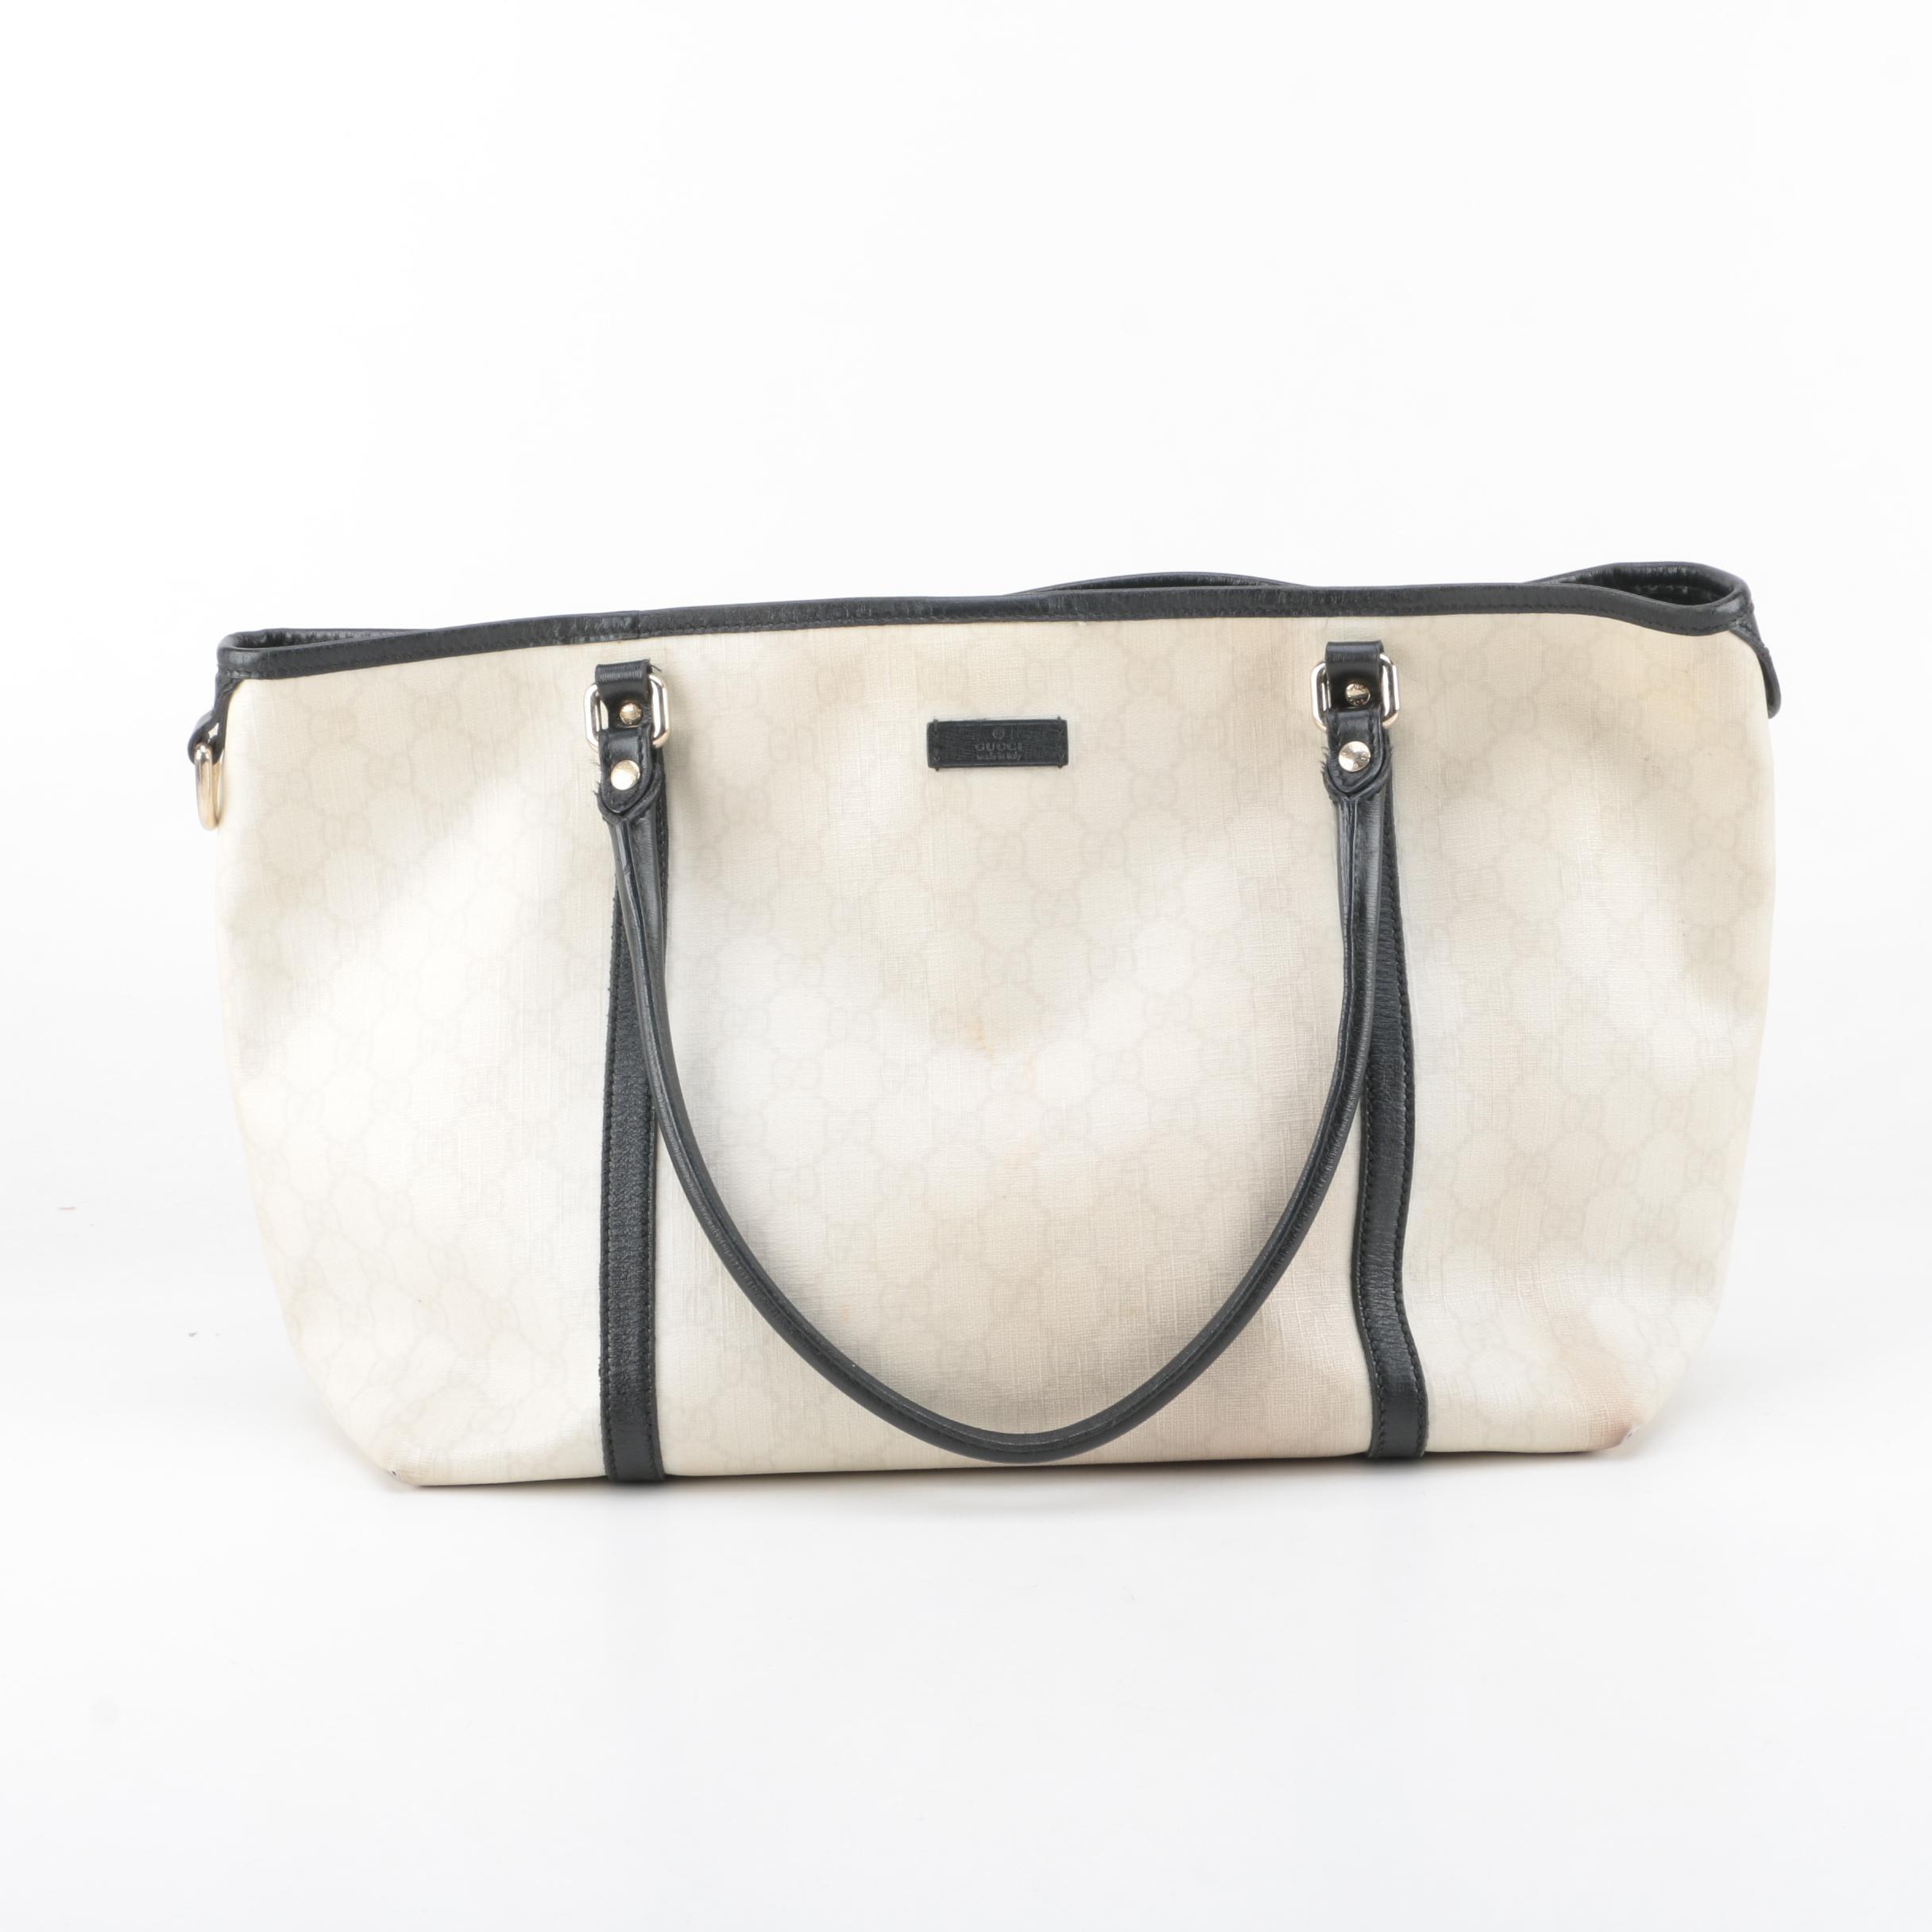 Gucci Joy GG Supreme Canvas Tote Bag